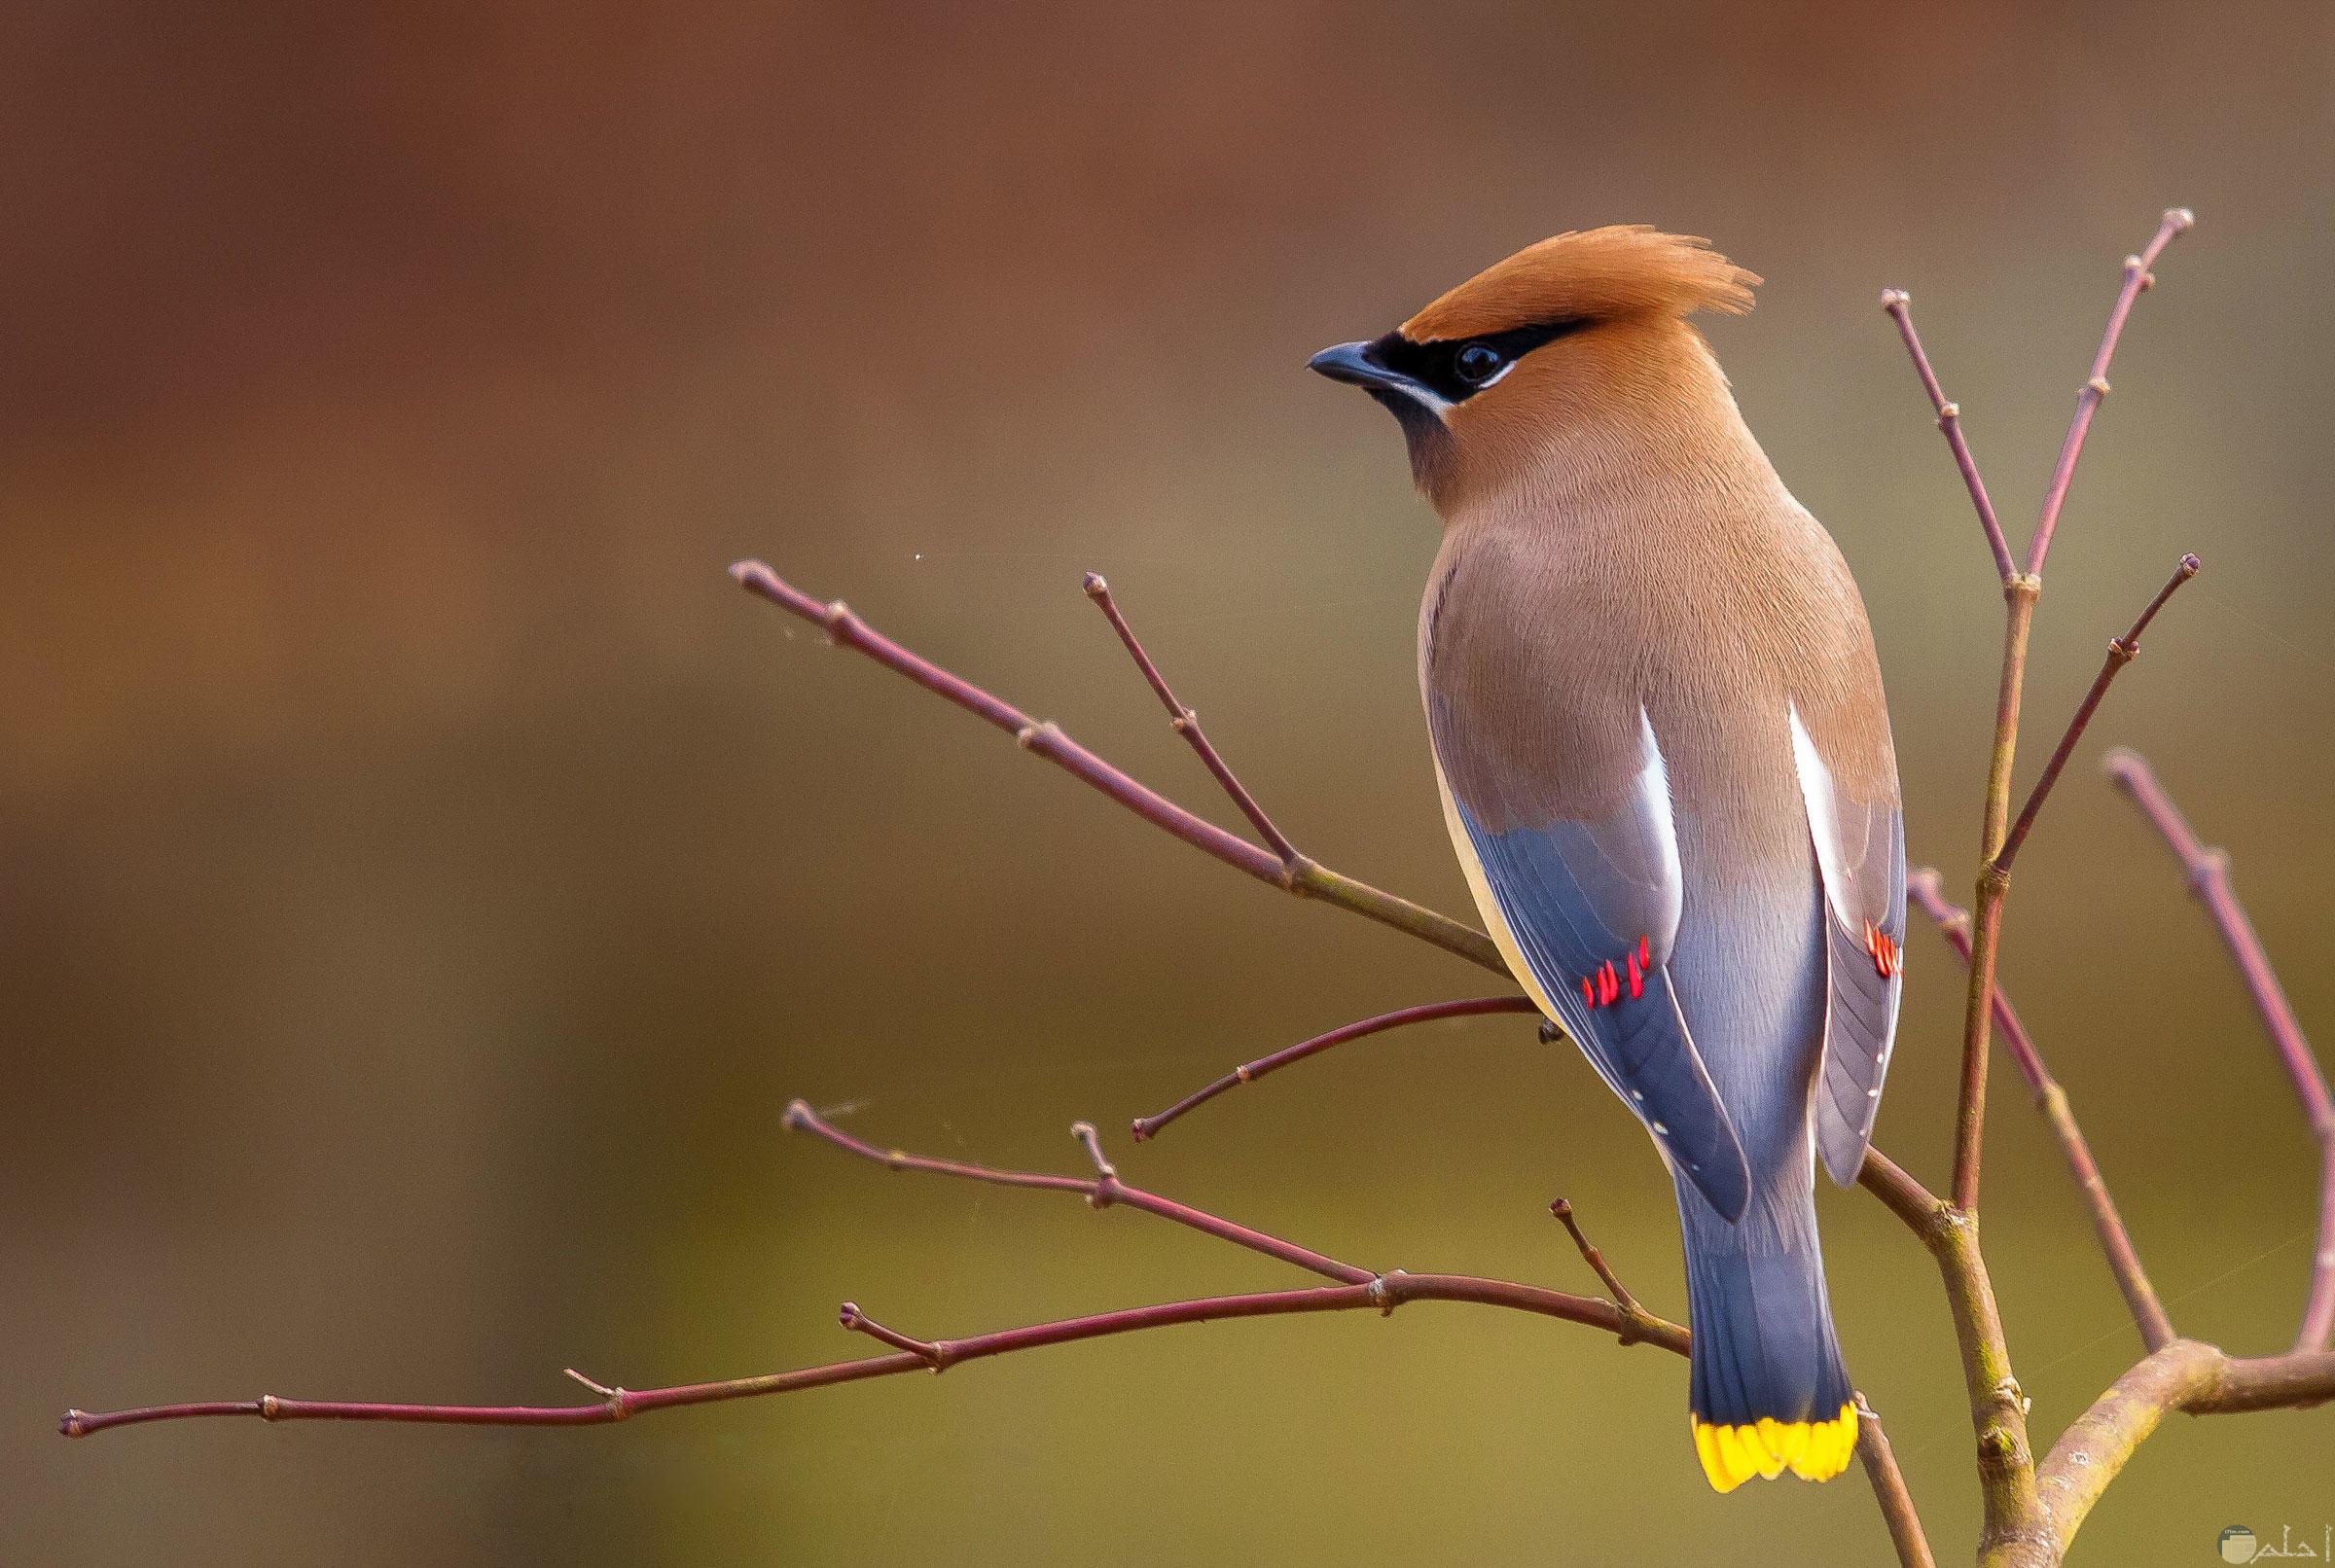 نوع من انواع الطيور النادرة واقف على شجرة